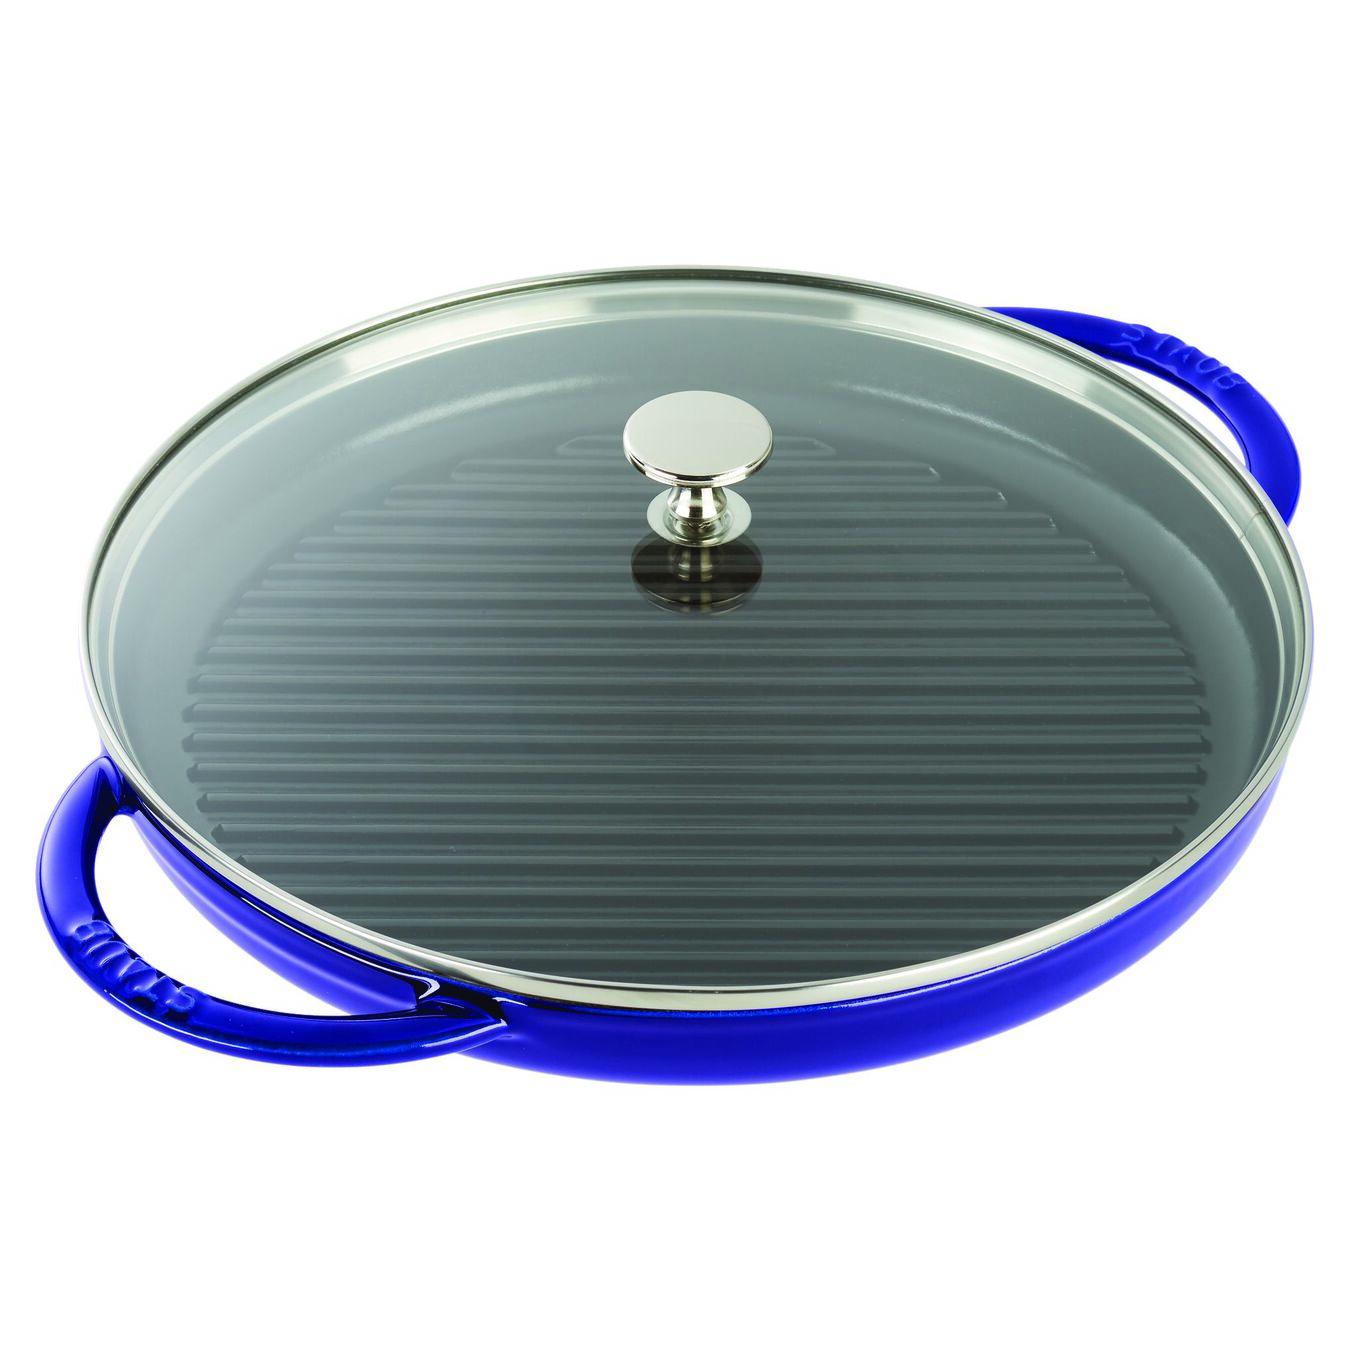 12-inch Round Steam Grill - Dark Blue,,large 2